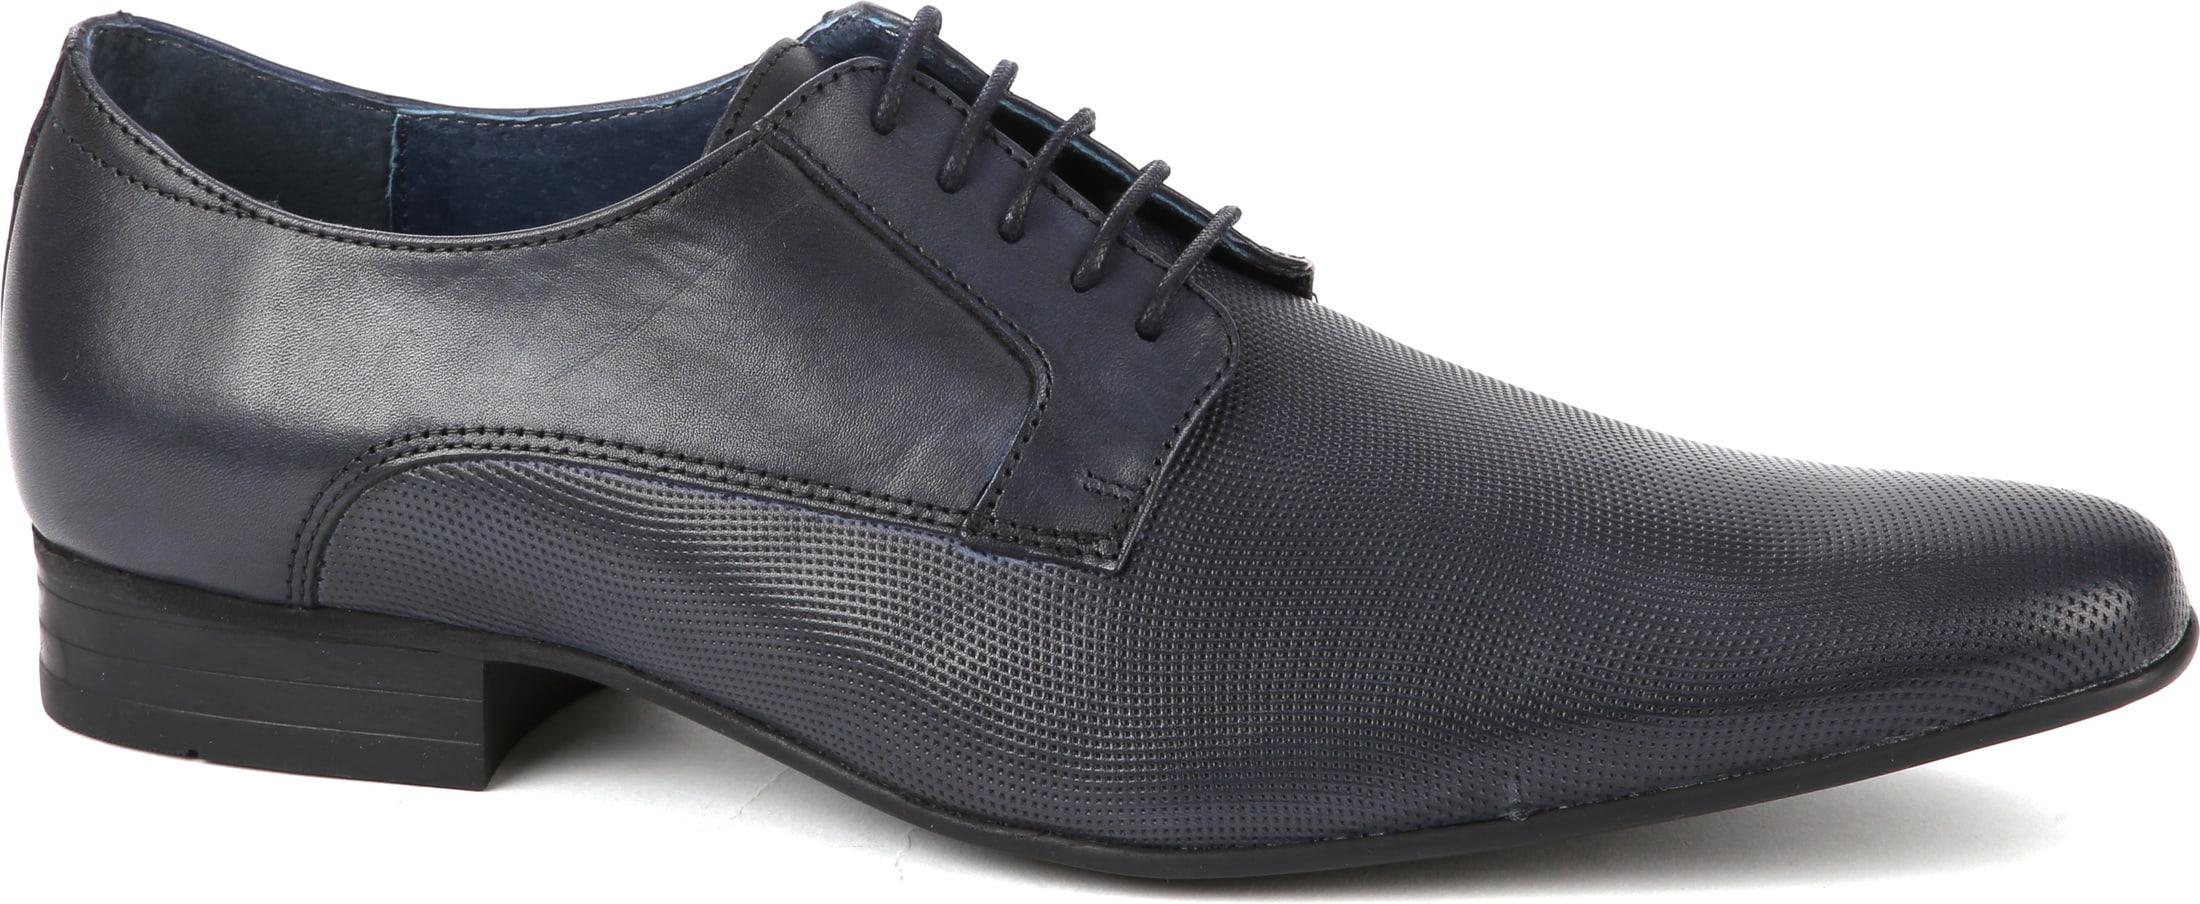 Suitable Dress Shoes Derby Black foto 0